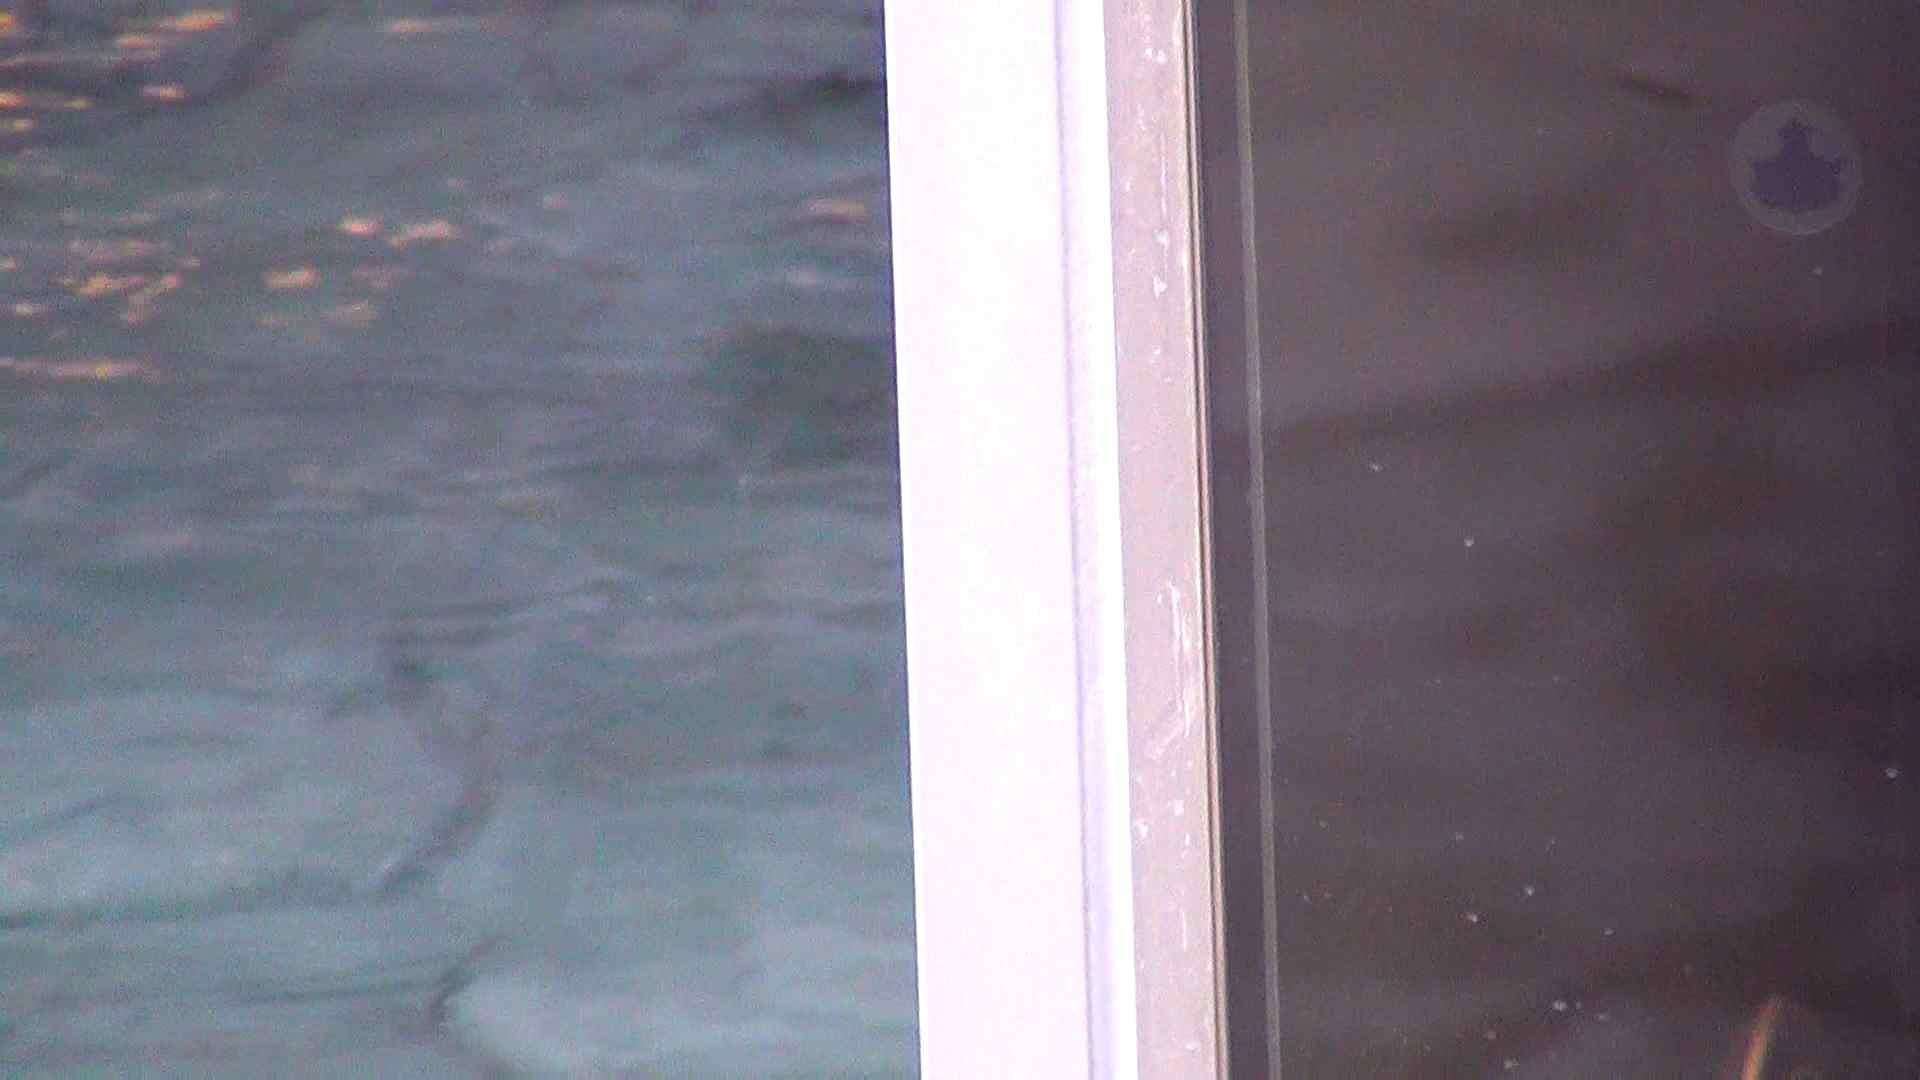 Aquaな露天風呂Vol.290 盗撮シリーズ  103PIX 46